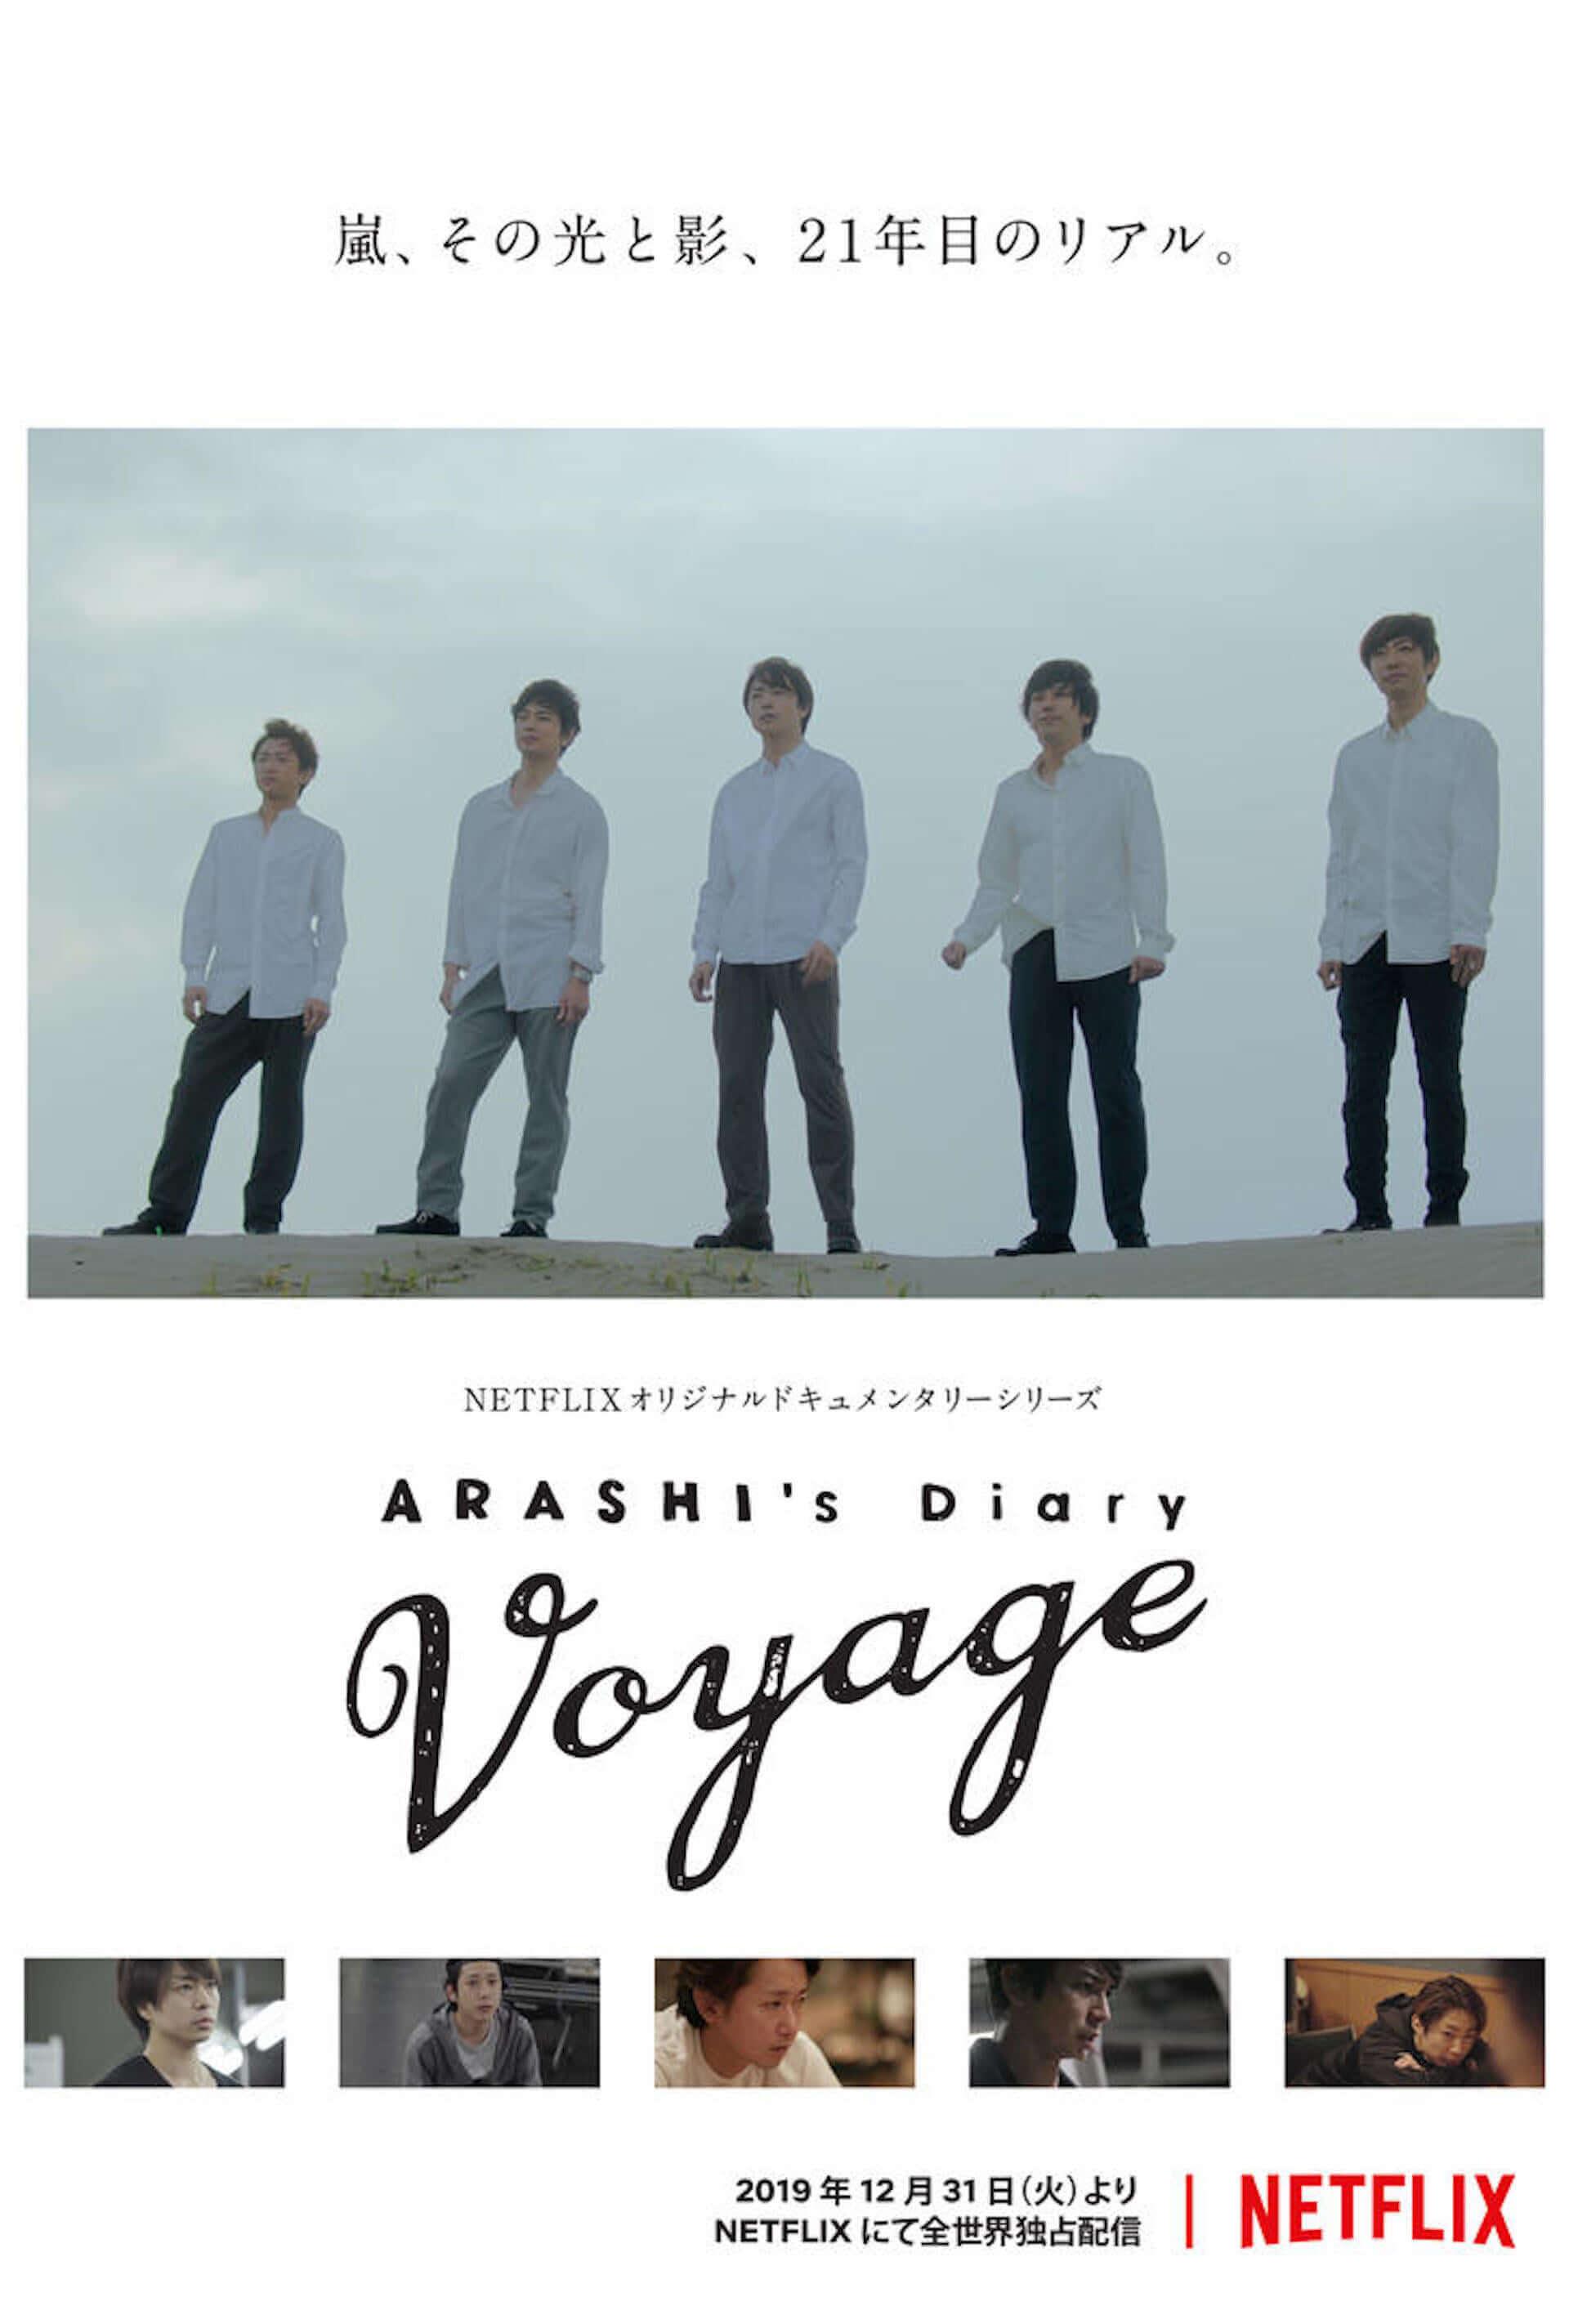 「世界中に嵐を巻き起こす」Netflixドキュメンタリー『ARASHI's Diary -Voyage-』第10話の予告編が解禁 art200626_arashi_netflix_1-1920x2844